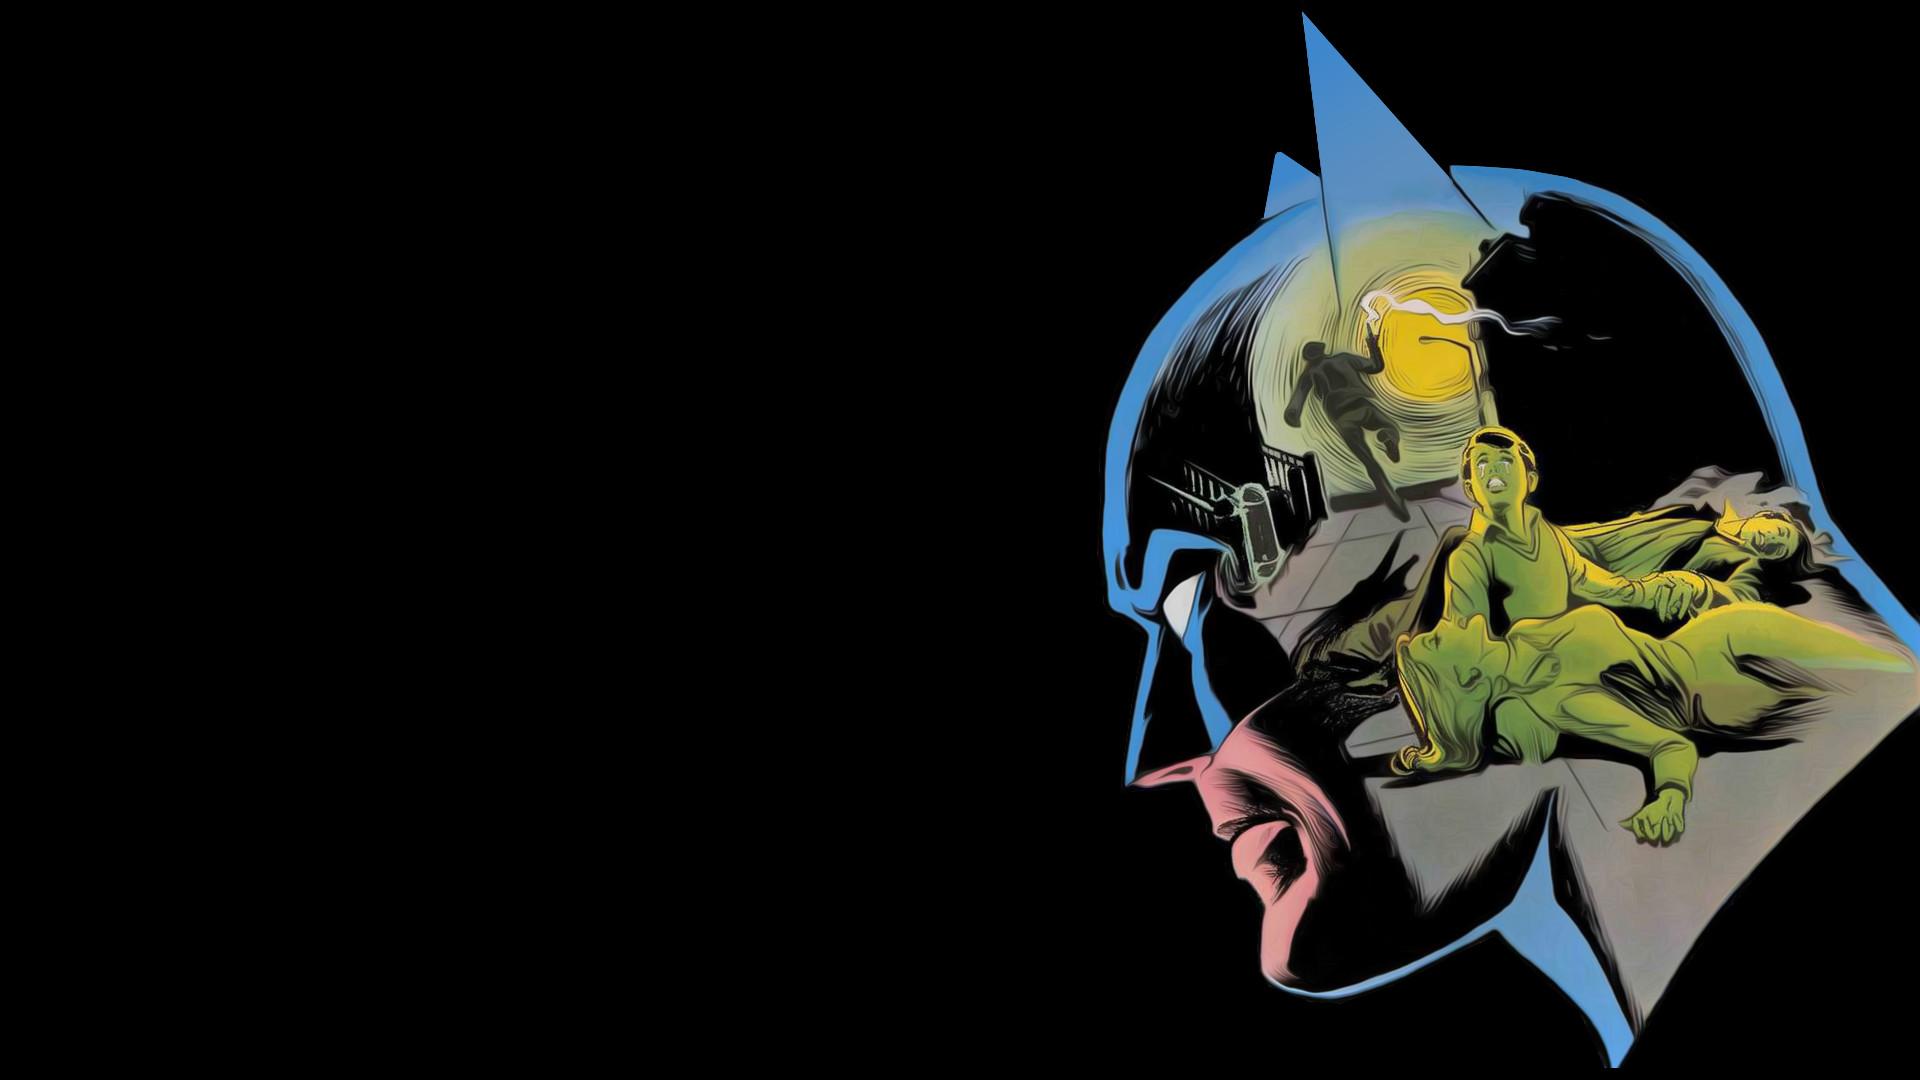 batman cartoon wallpaper ·①